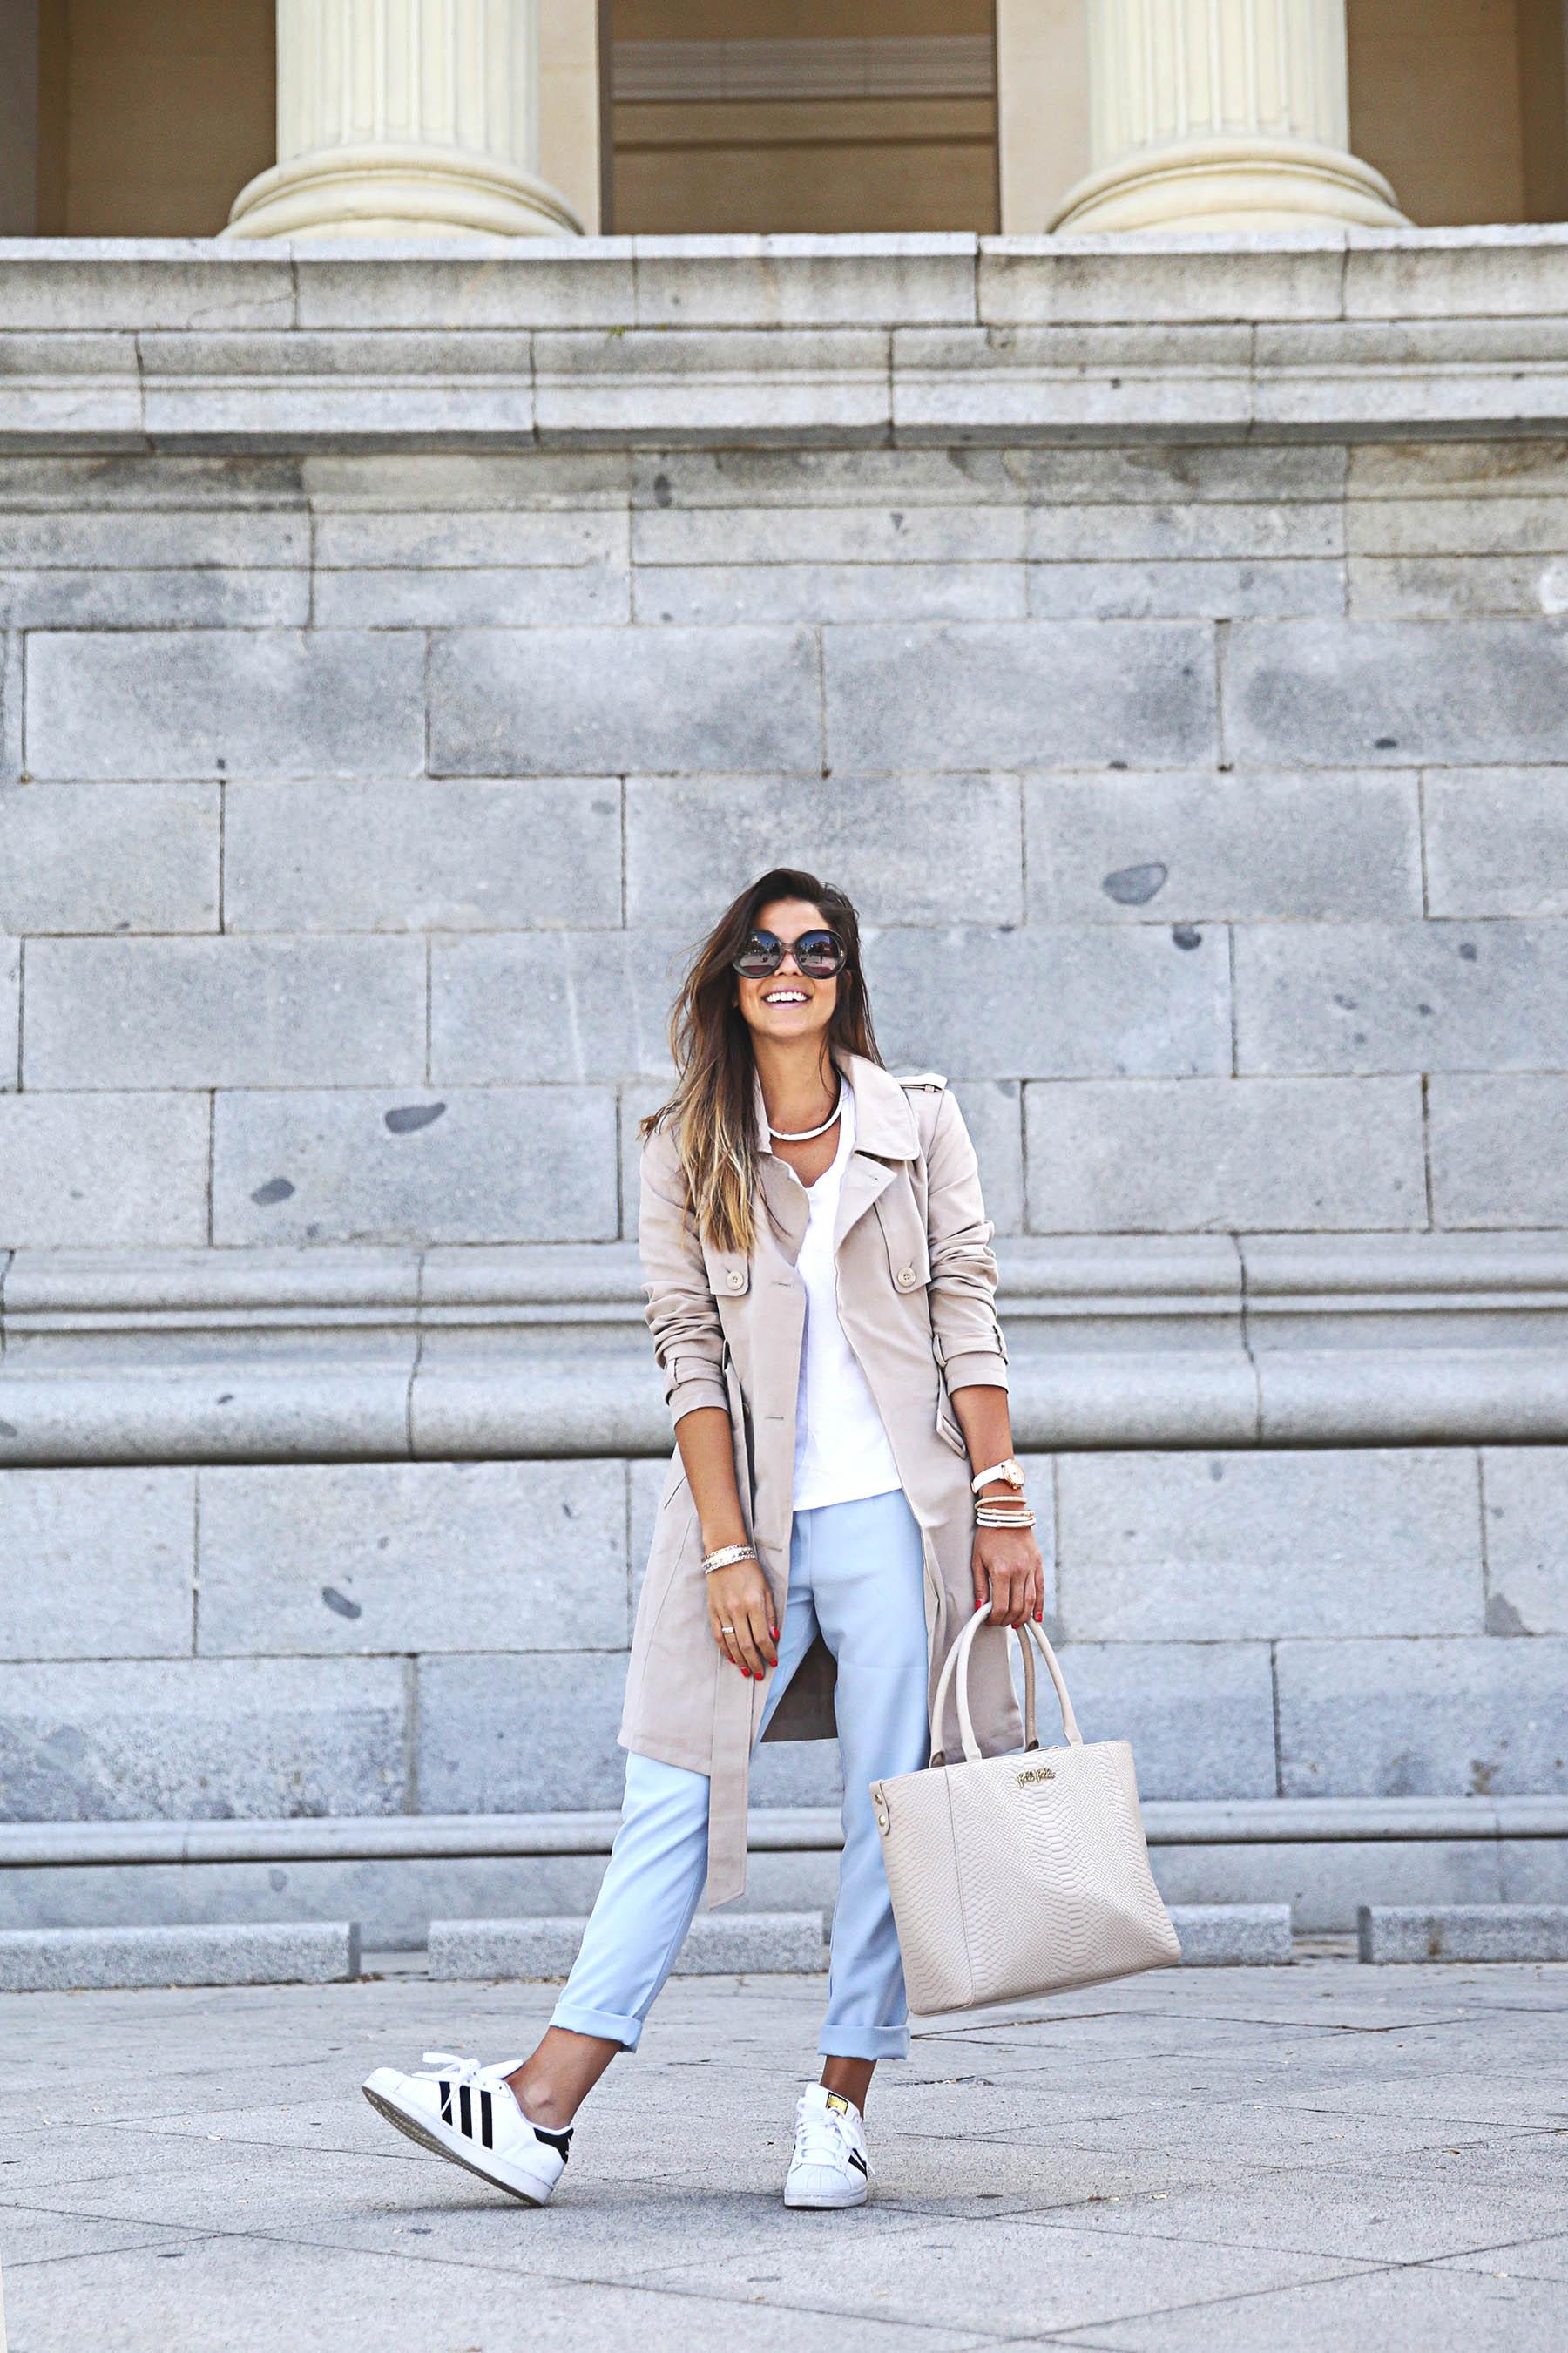 trendy-taste-look-outfit-street-style-ootd-blog-blogger-fashion-spain-moda-españa-folli-follie-shooting-trench-gabardina-adidas-superstar-camiseta-basica-basic-tee-9